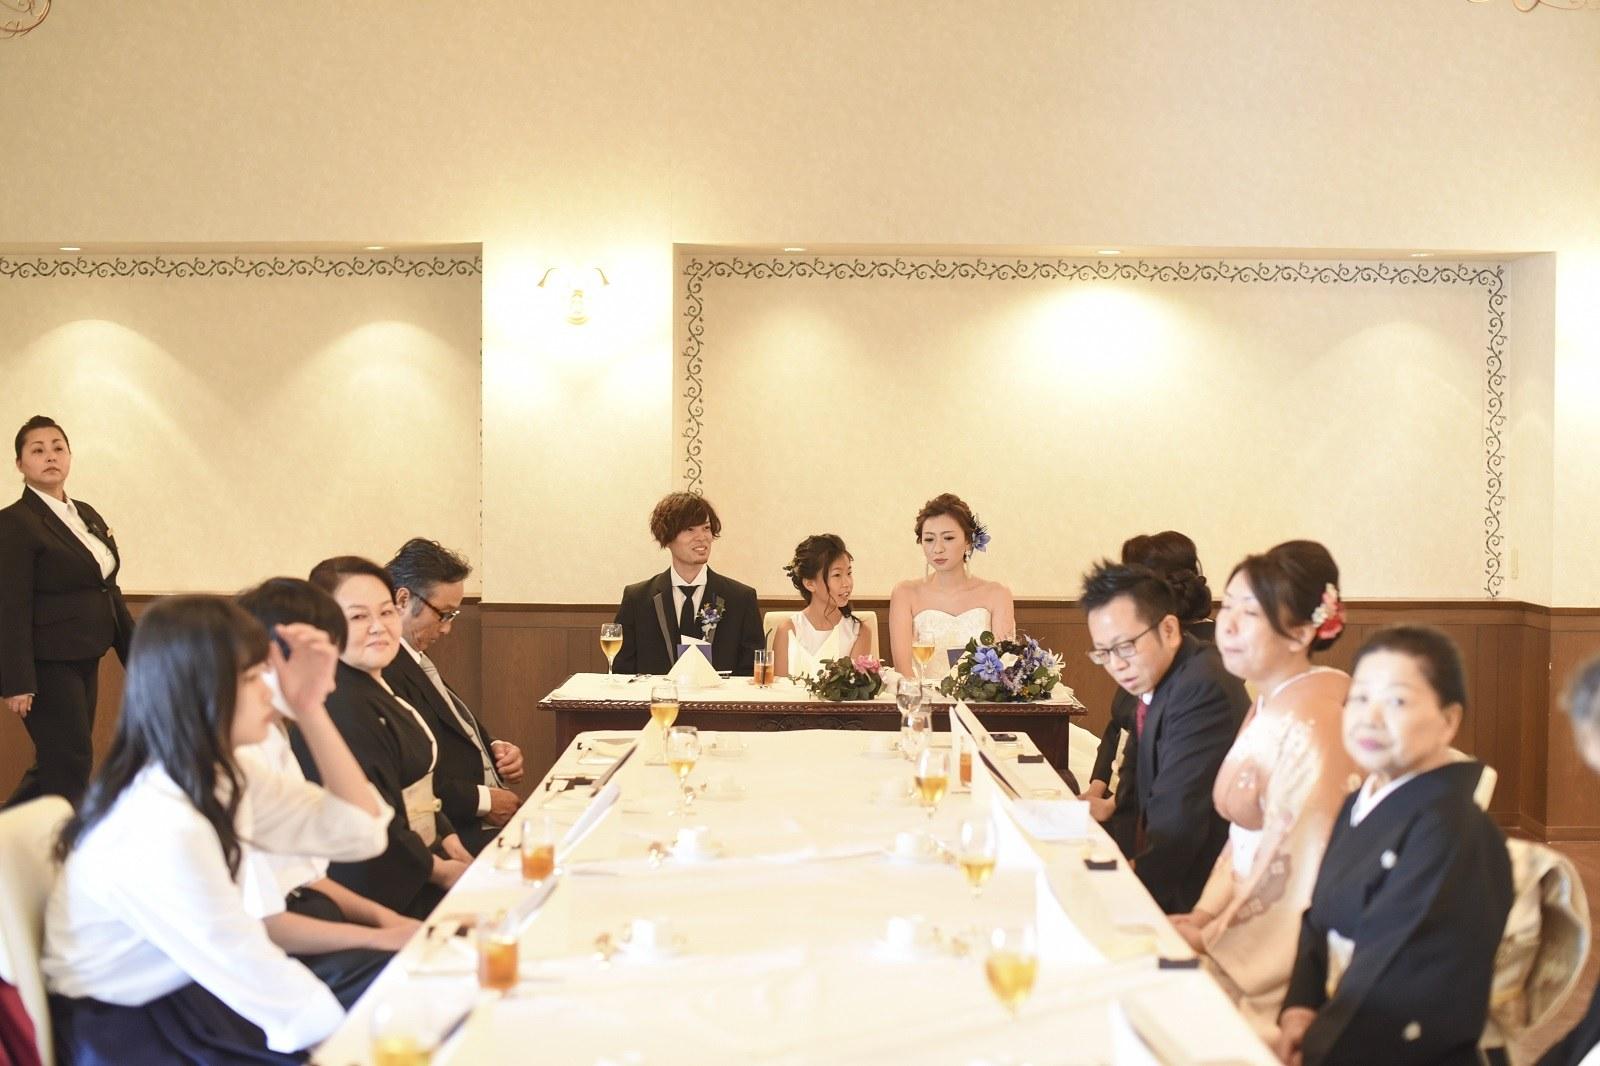 香川県高松市の小さな結婚式紹介所マリマリコンシェルジュで親族のみ食事会